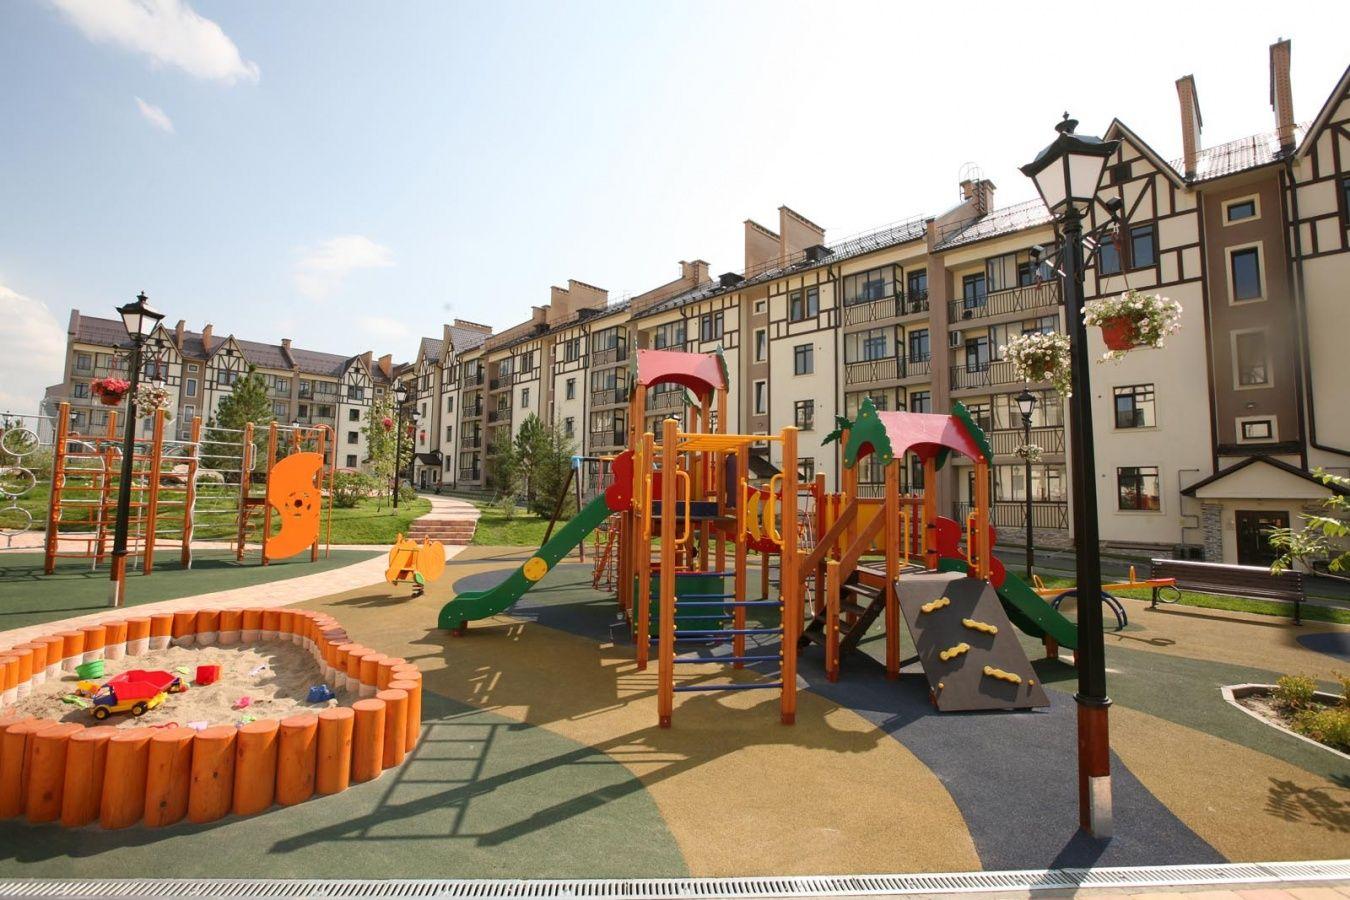 75 миллионов рублей выделили из бюджета Ставрополья на мероприятия по формированию современной городской среды